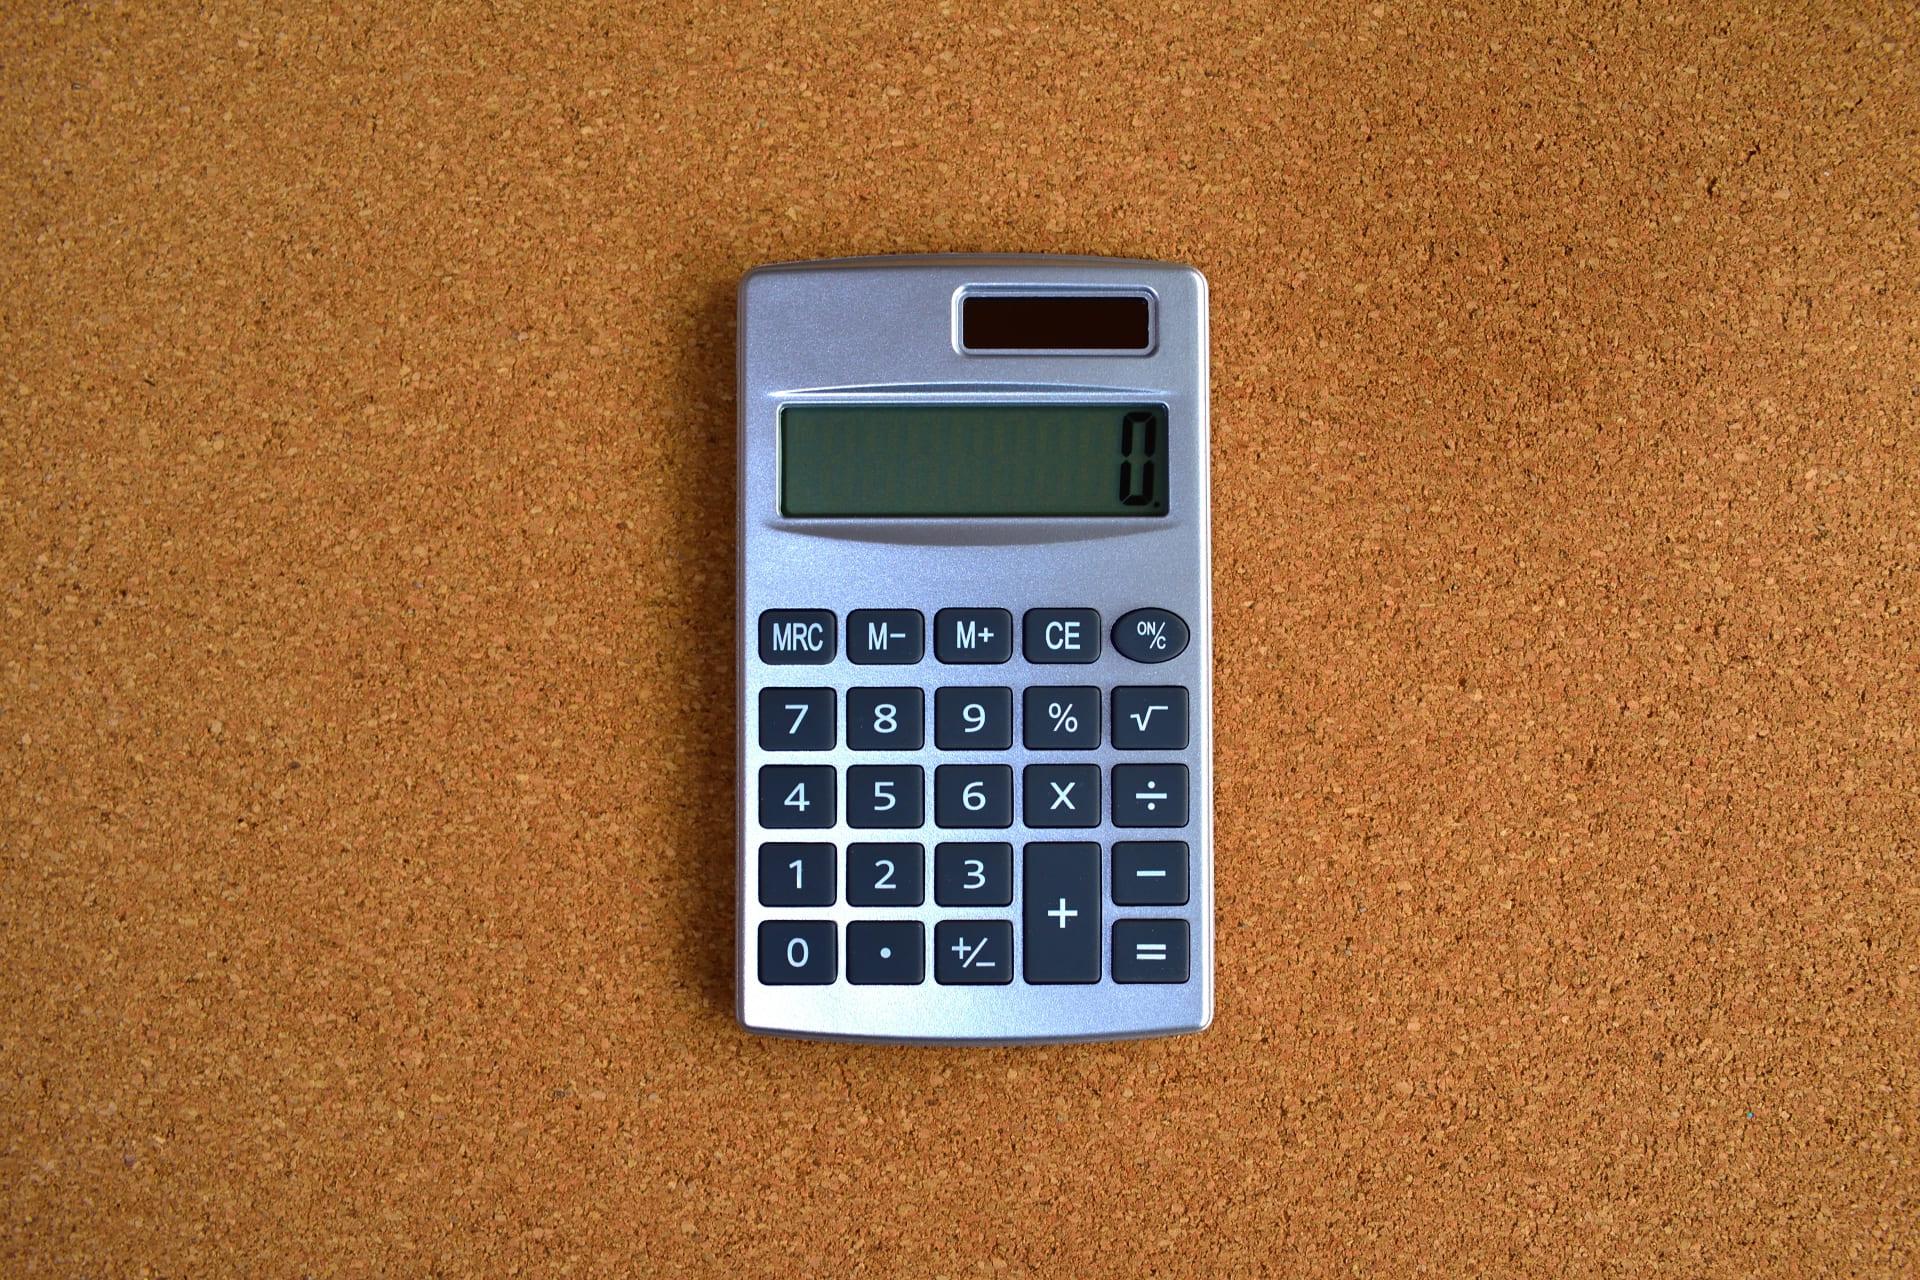 売掛金担保融資を受けるための計算